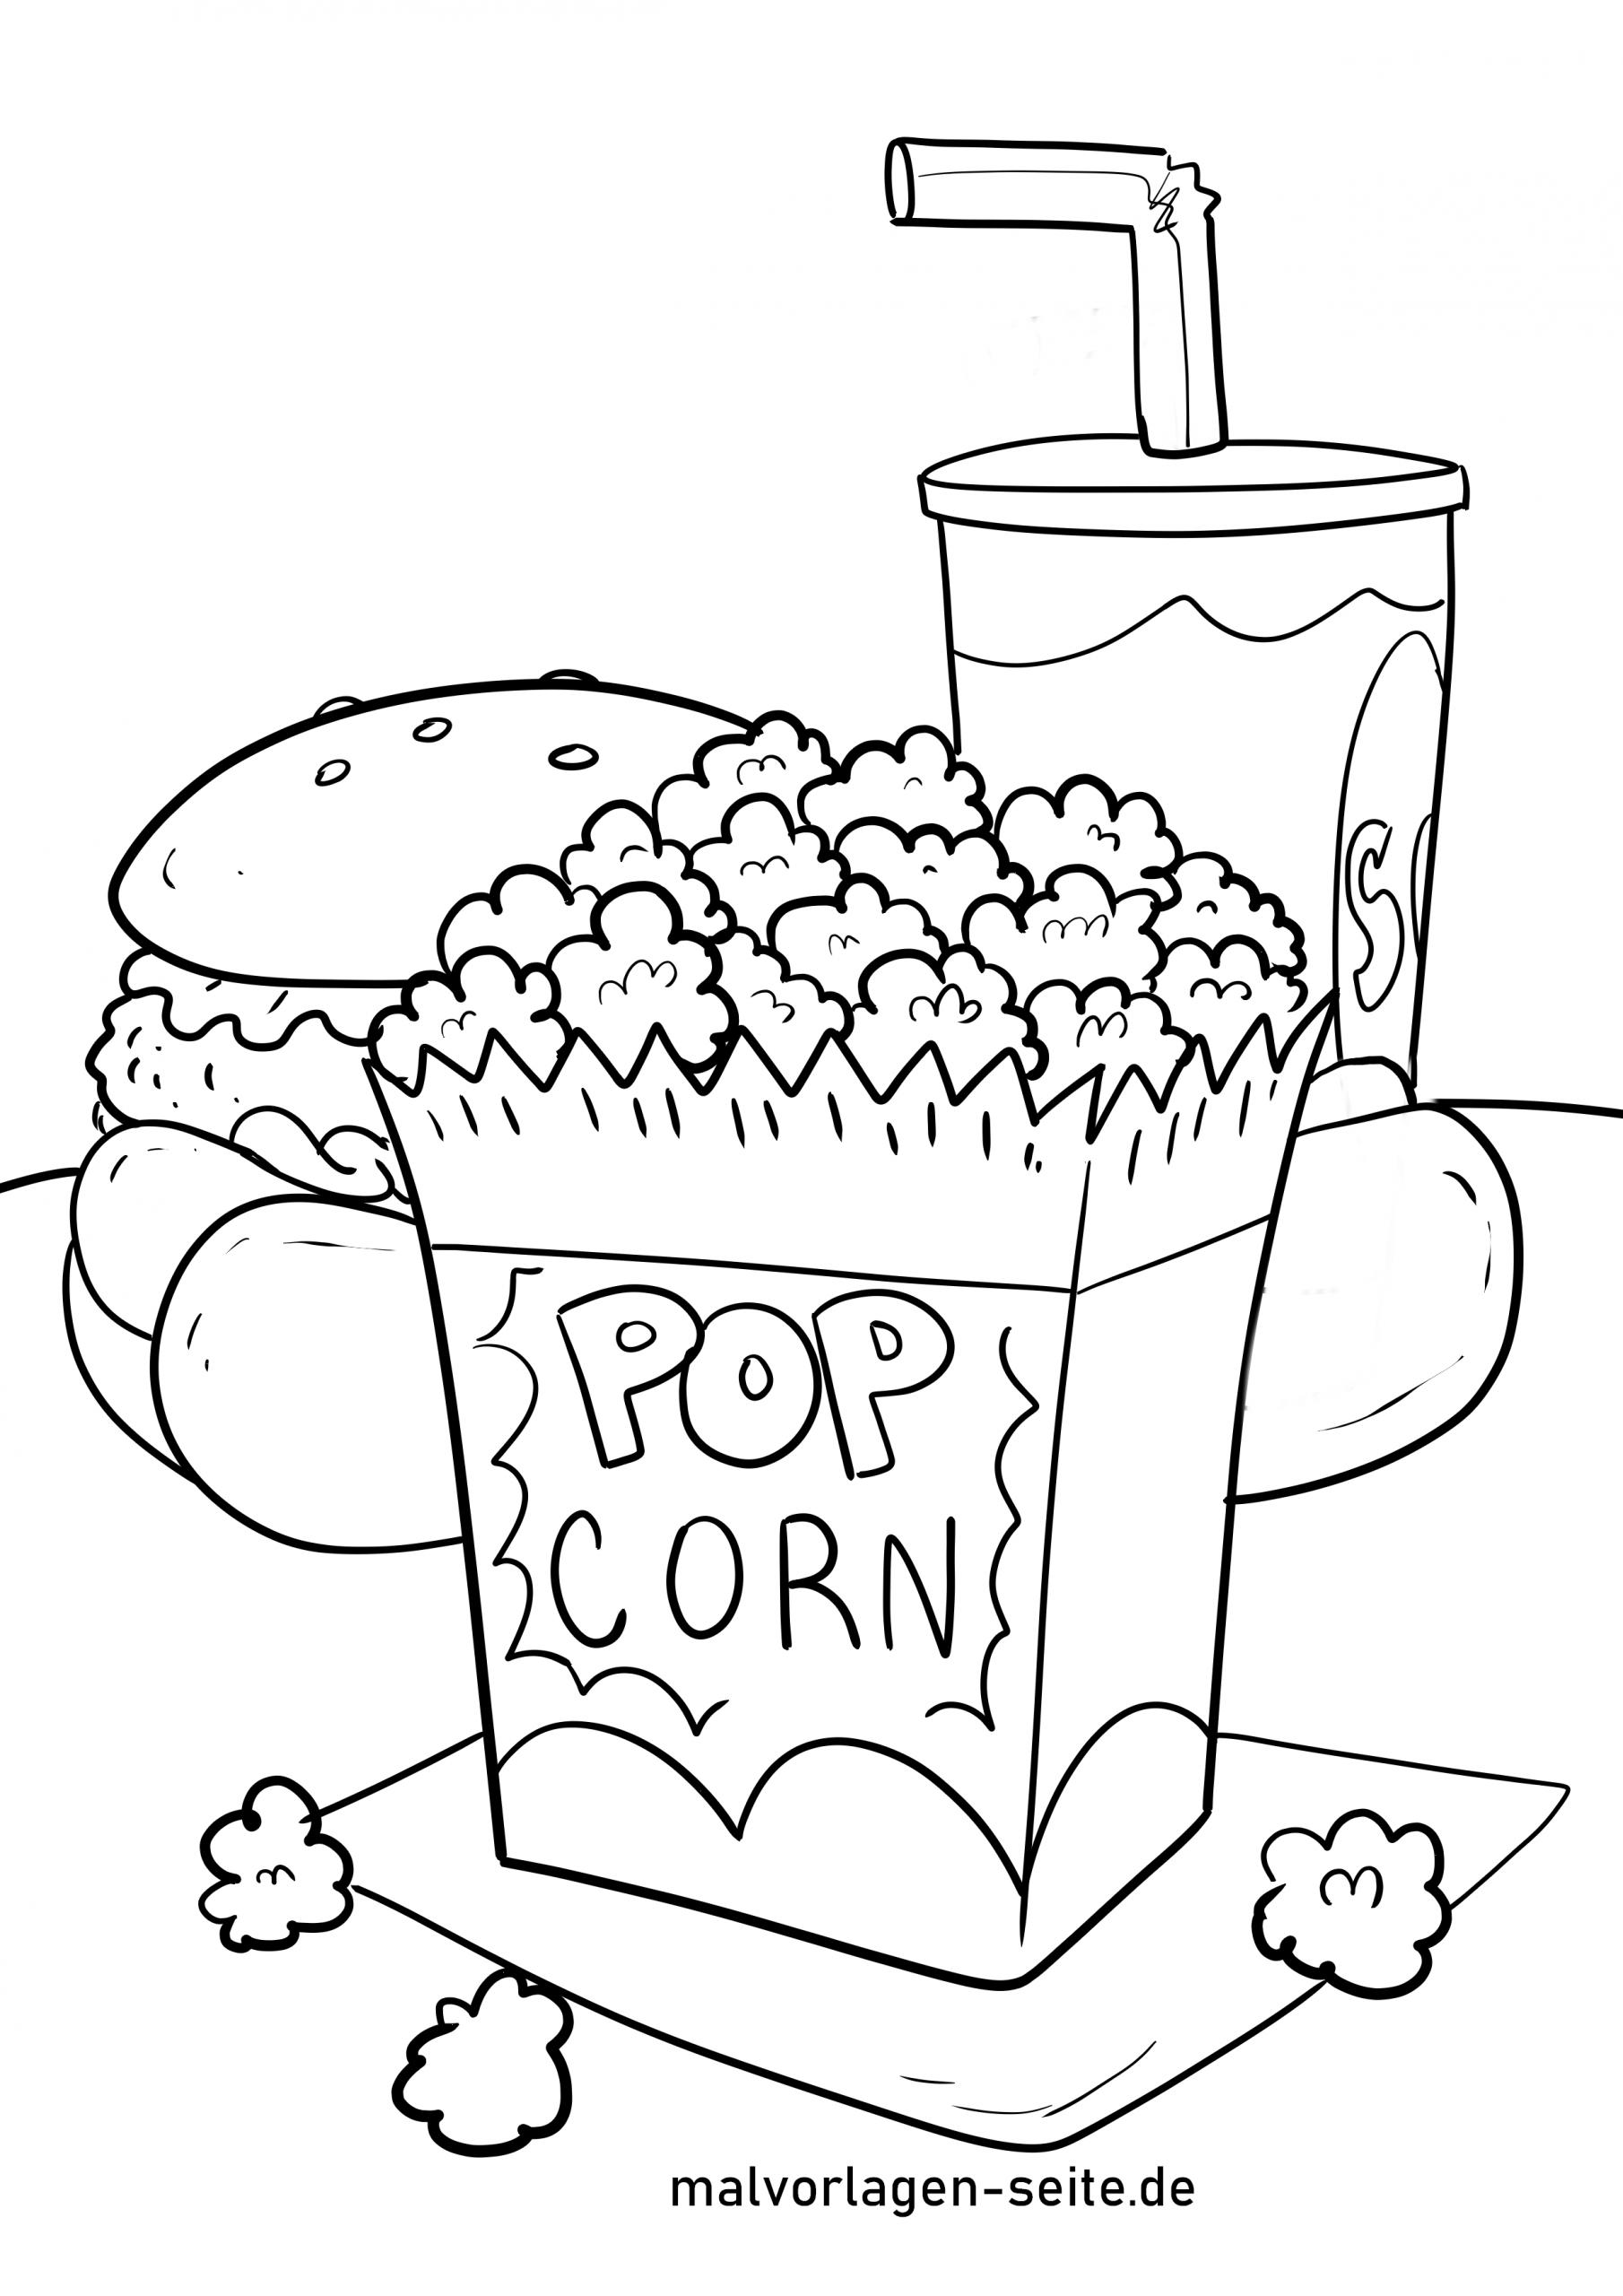 Malvorlage Popcorn - Essen - Ausmalbilder Kostenlos über Ausmalbilder Essen